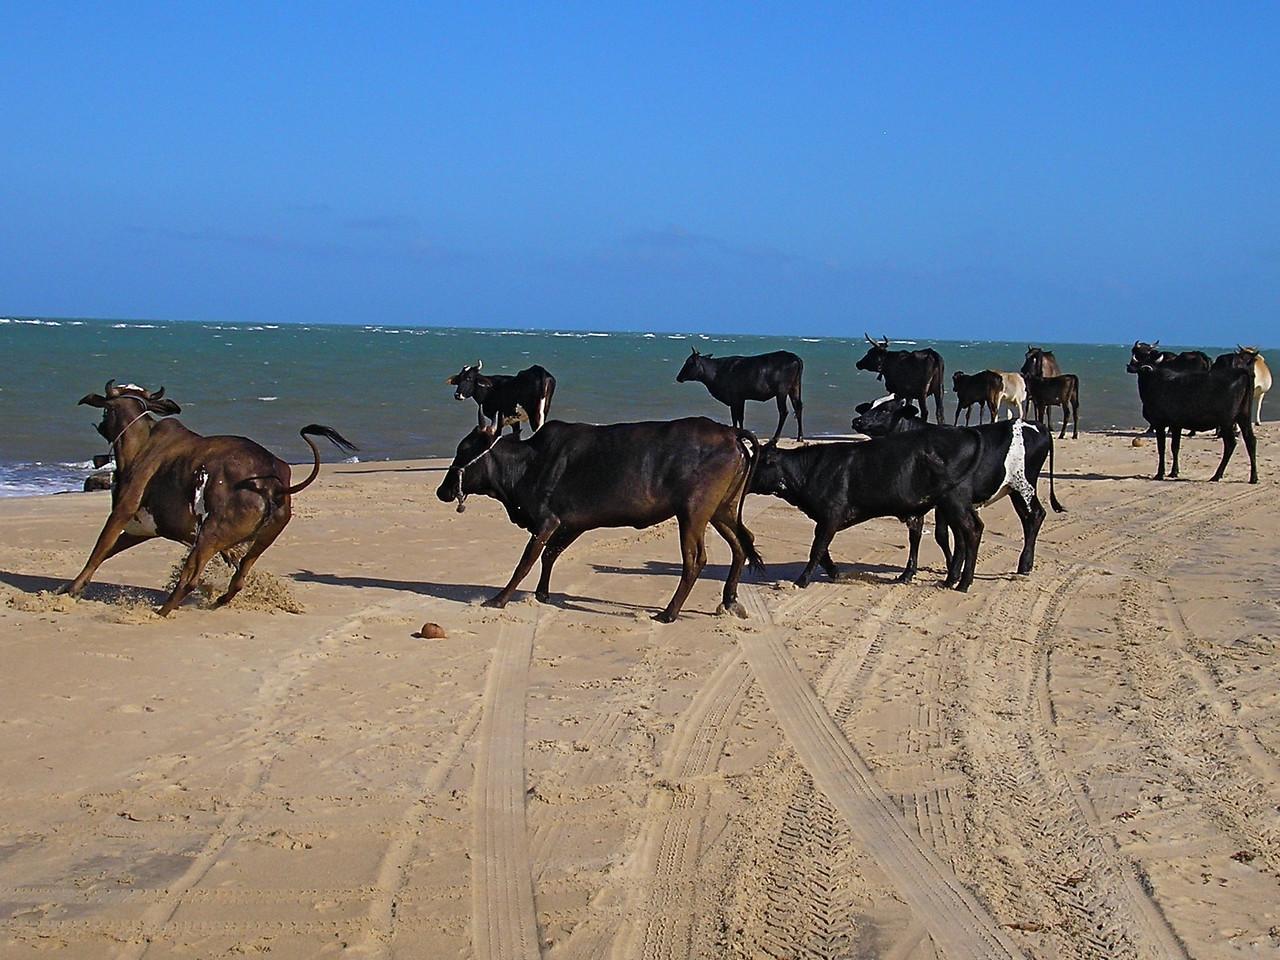 Cows in Natal, Brazil